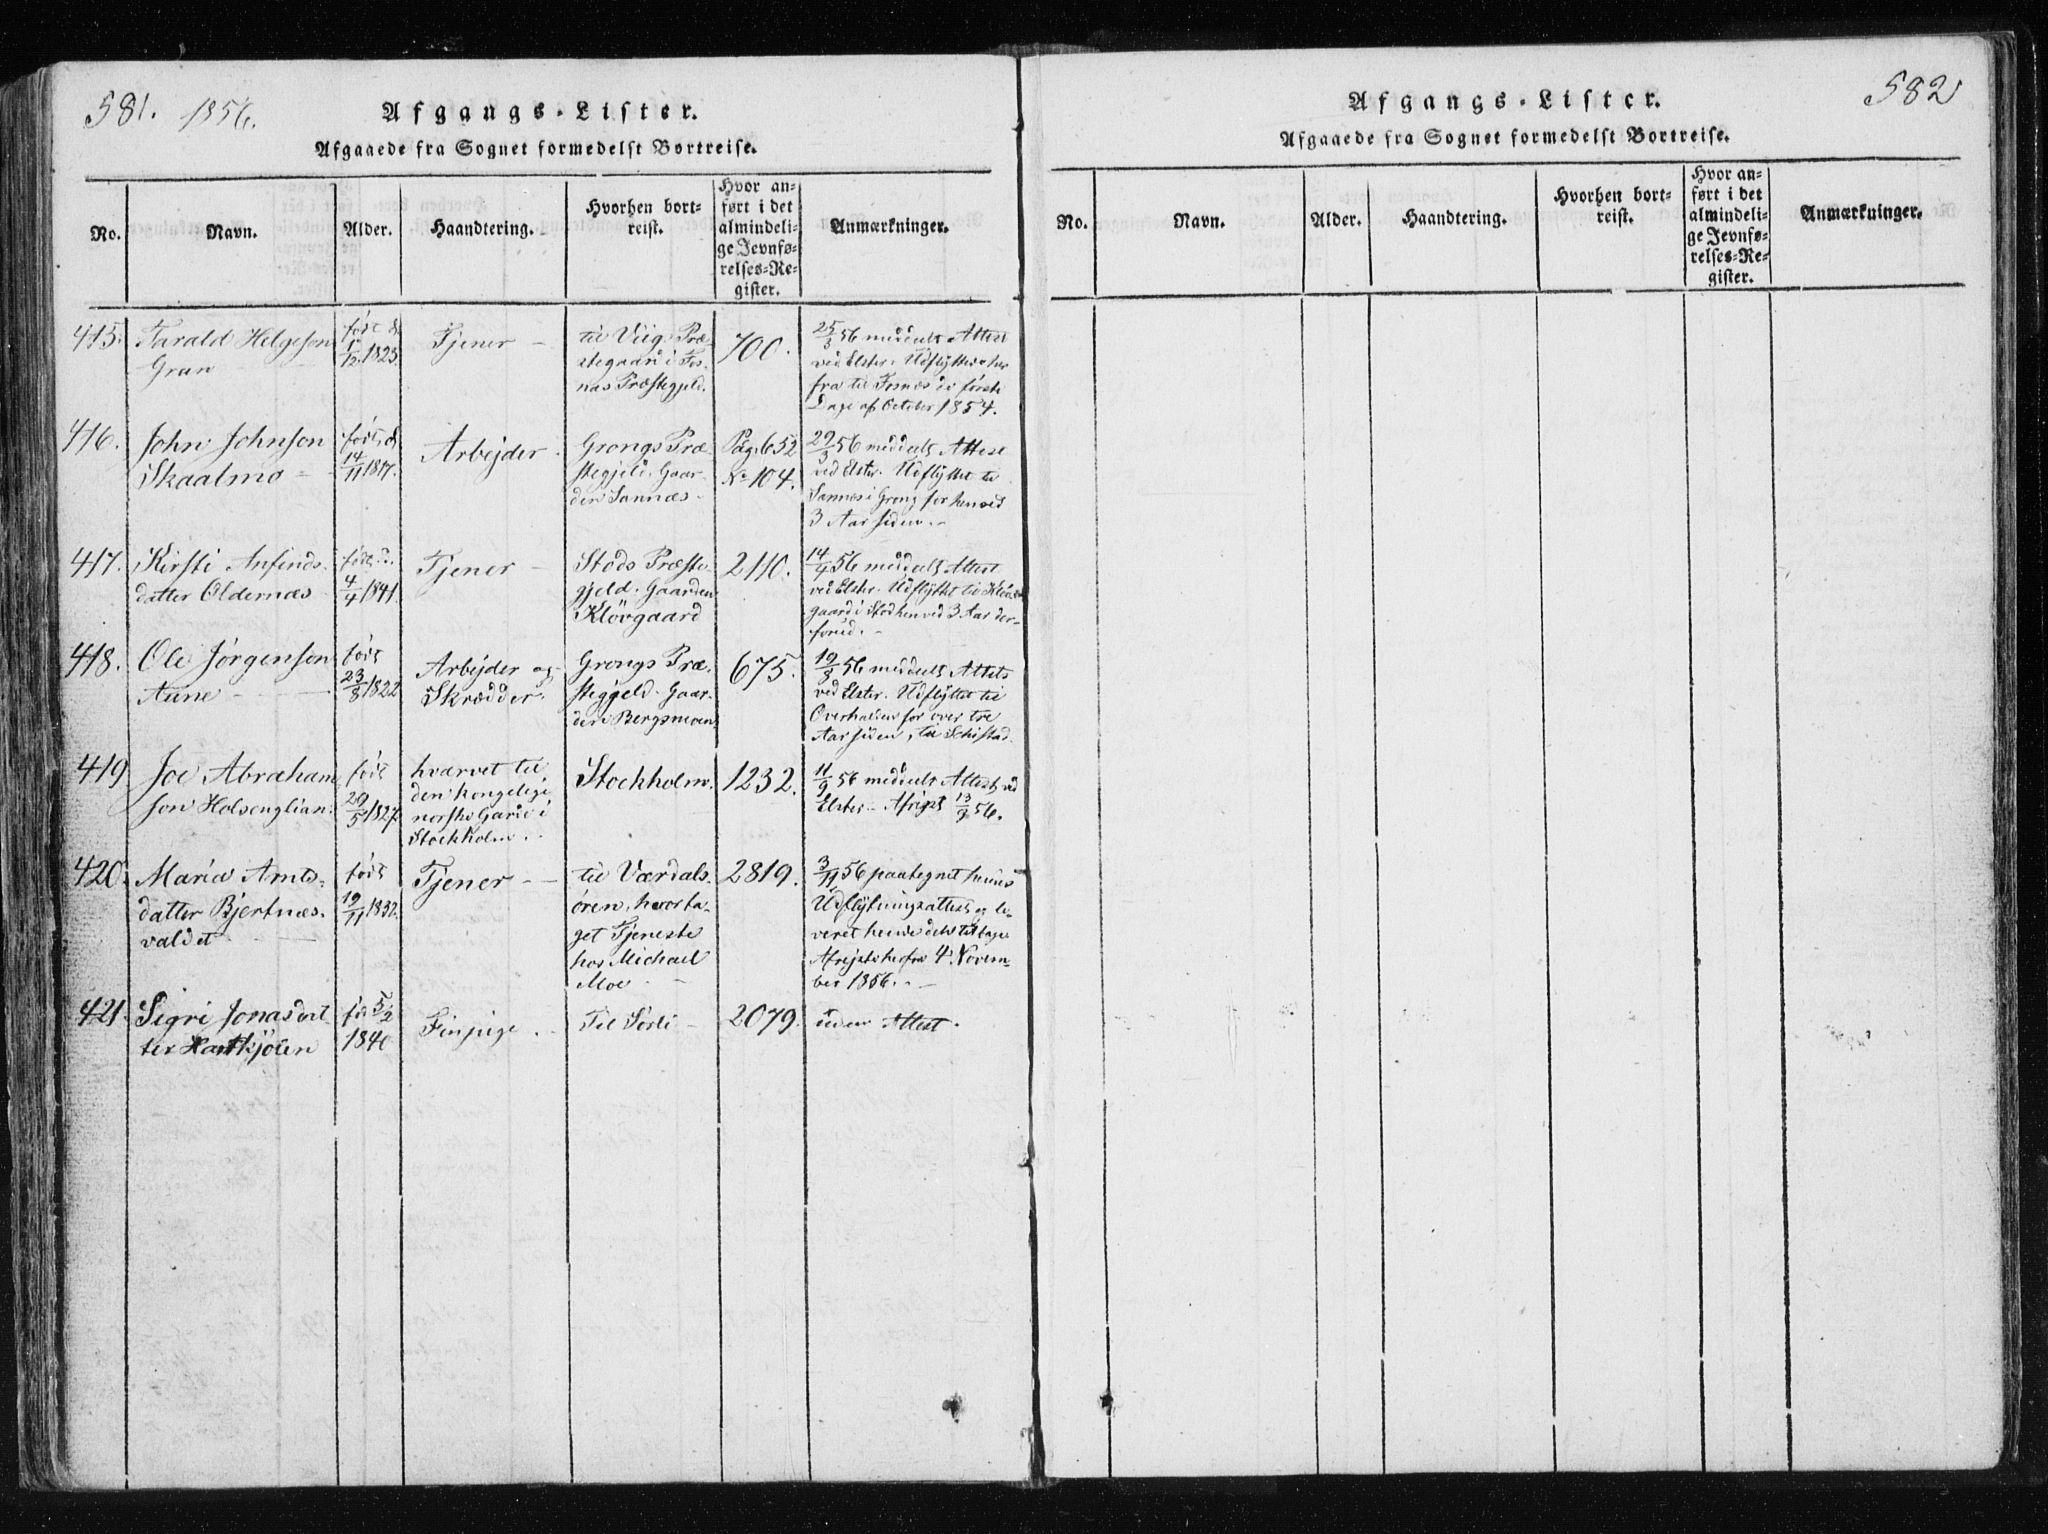 SAT, Ministerialprotokoller, klokkerbøker og fødselsregistre - Nord-Trøndelag, 749/L0469: Ministerialbok nr. 749A03, 1817-1857, s. 581-582